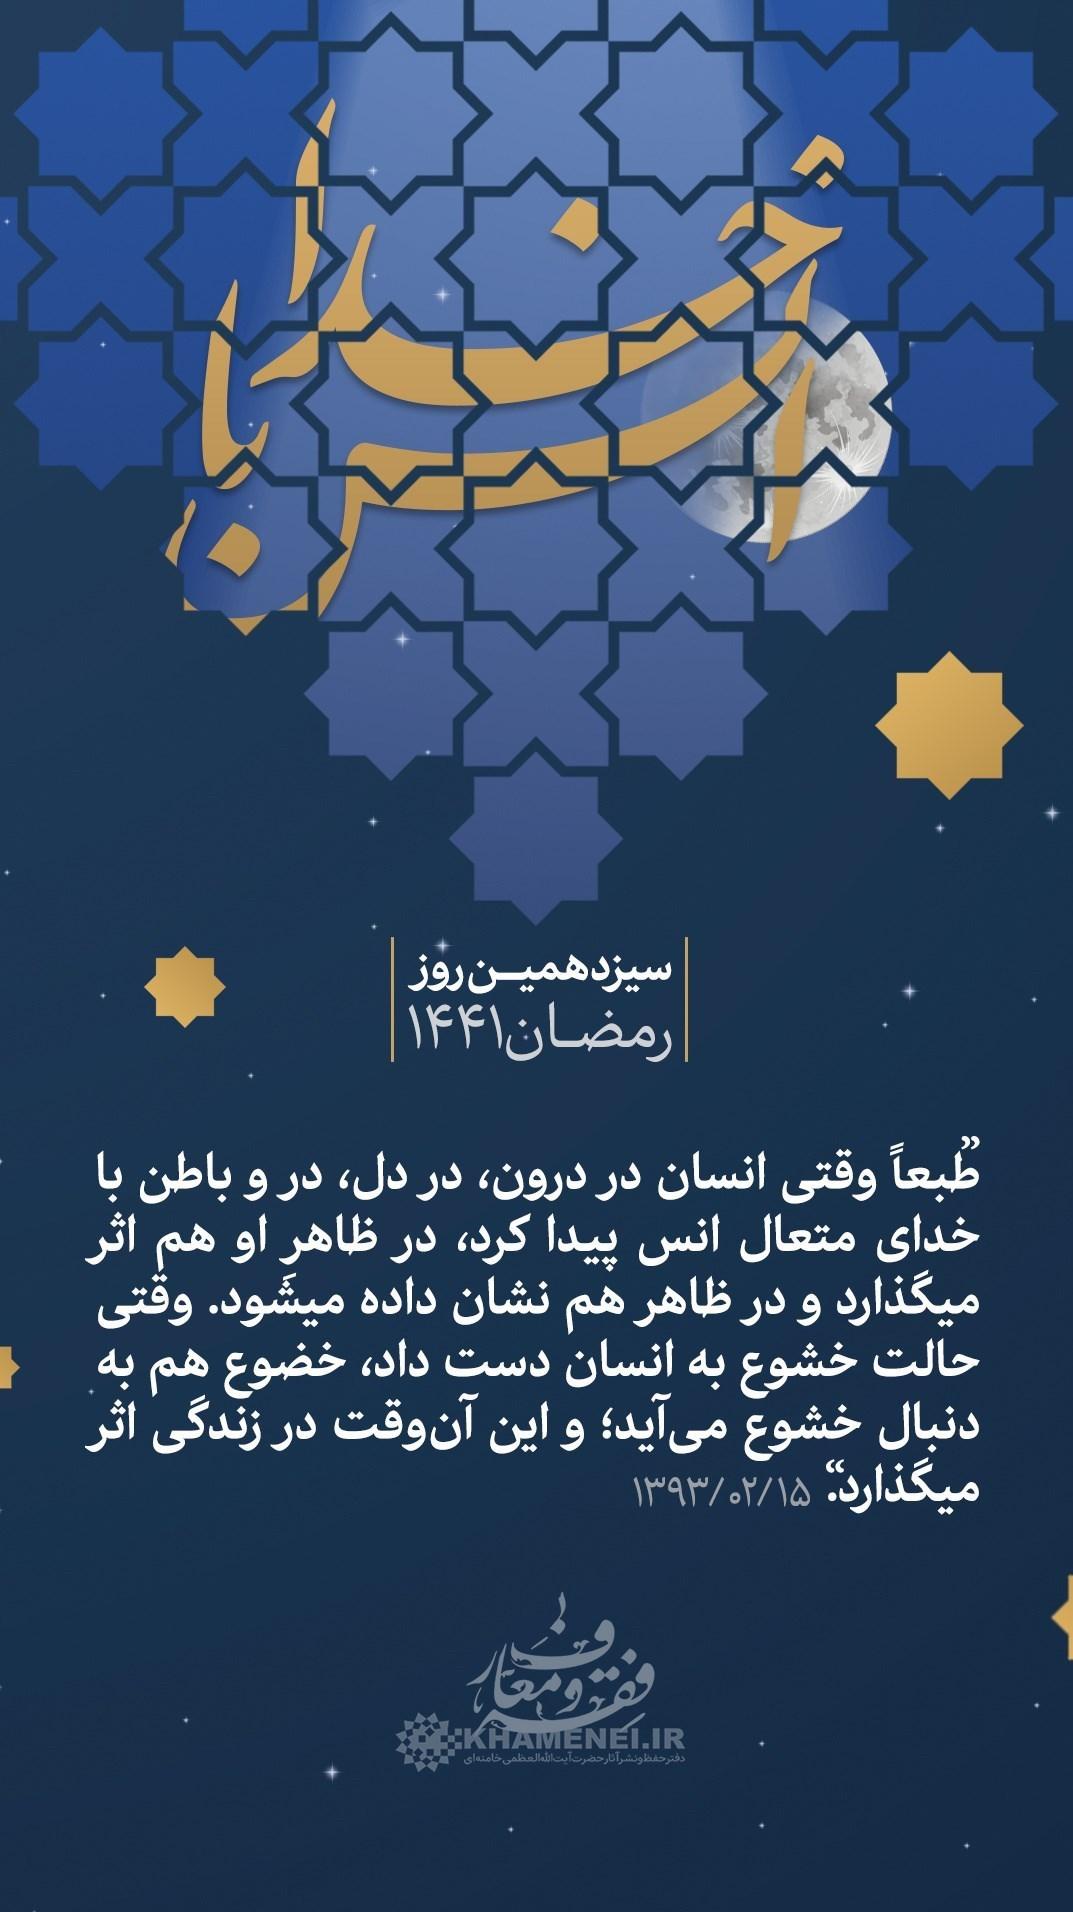 هنرهای تجسمی , پوستر , عکس , ماه مبارک رمضان , امام خامنهای ,